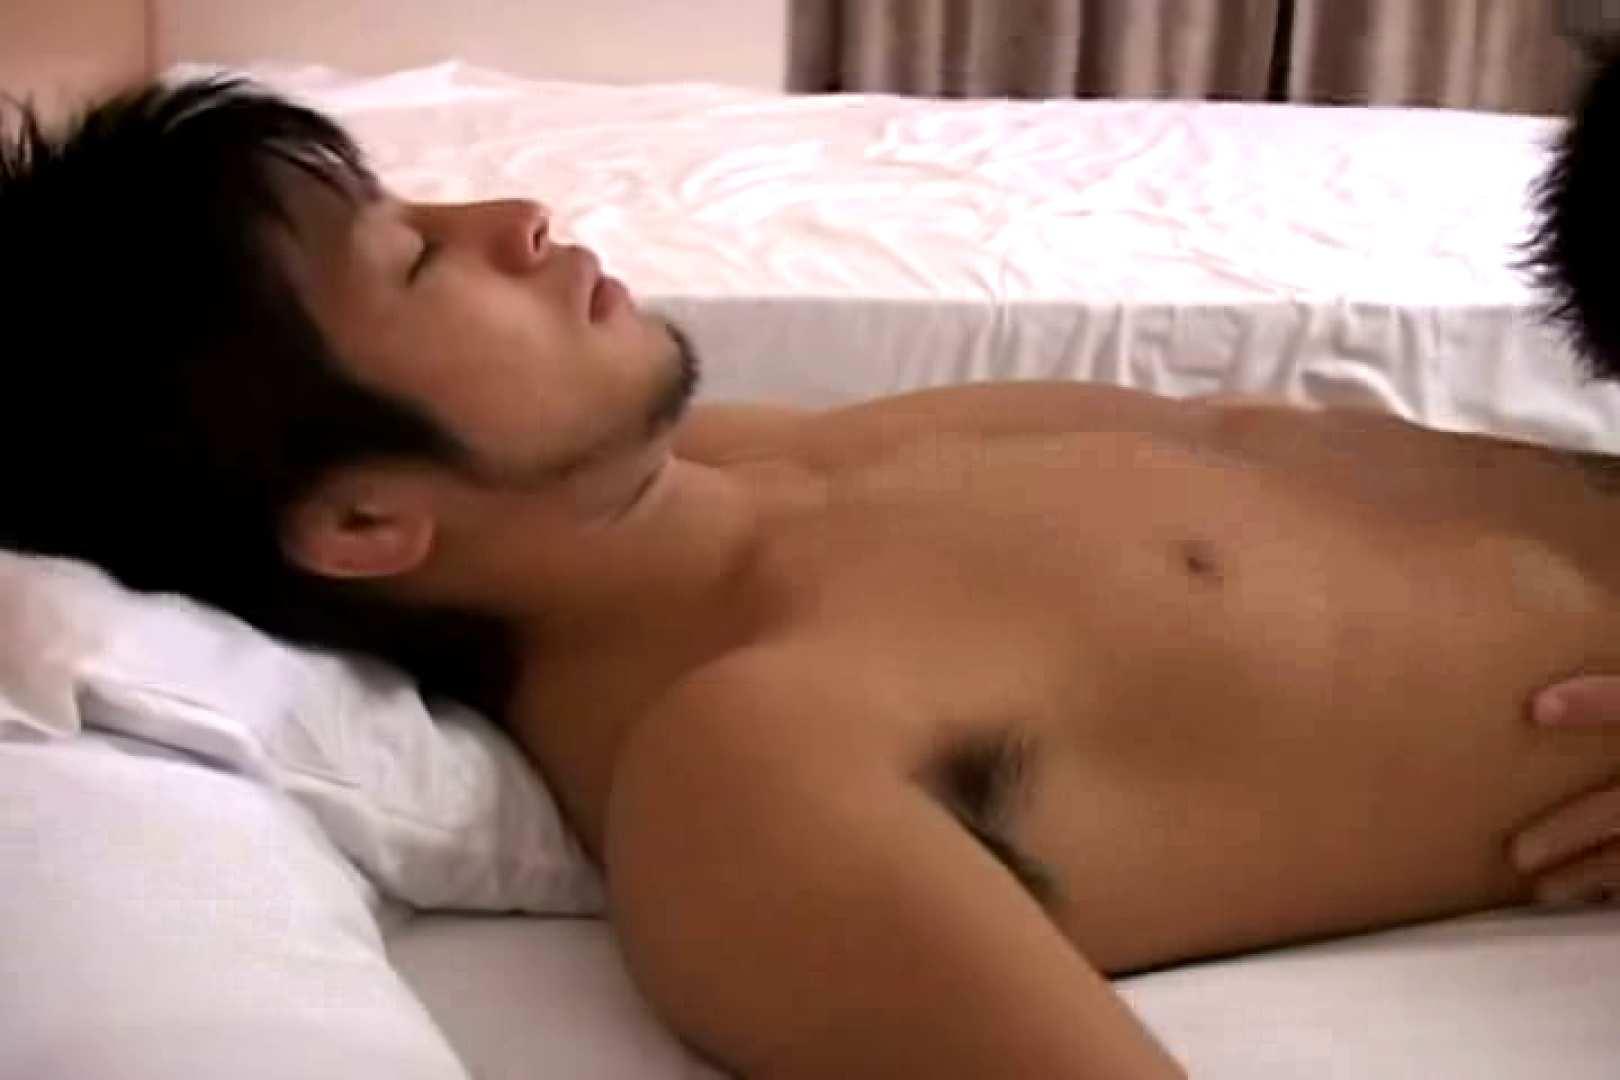 突激!ノンケ教育隊vol.02 オナニー ゲイアダルトビデオ画像 106pic 102